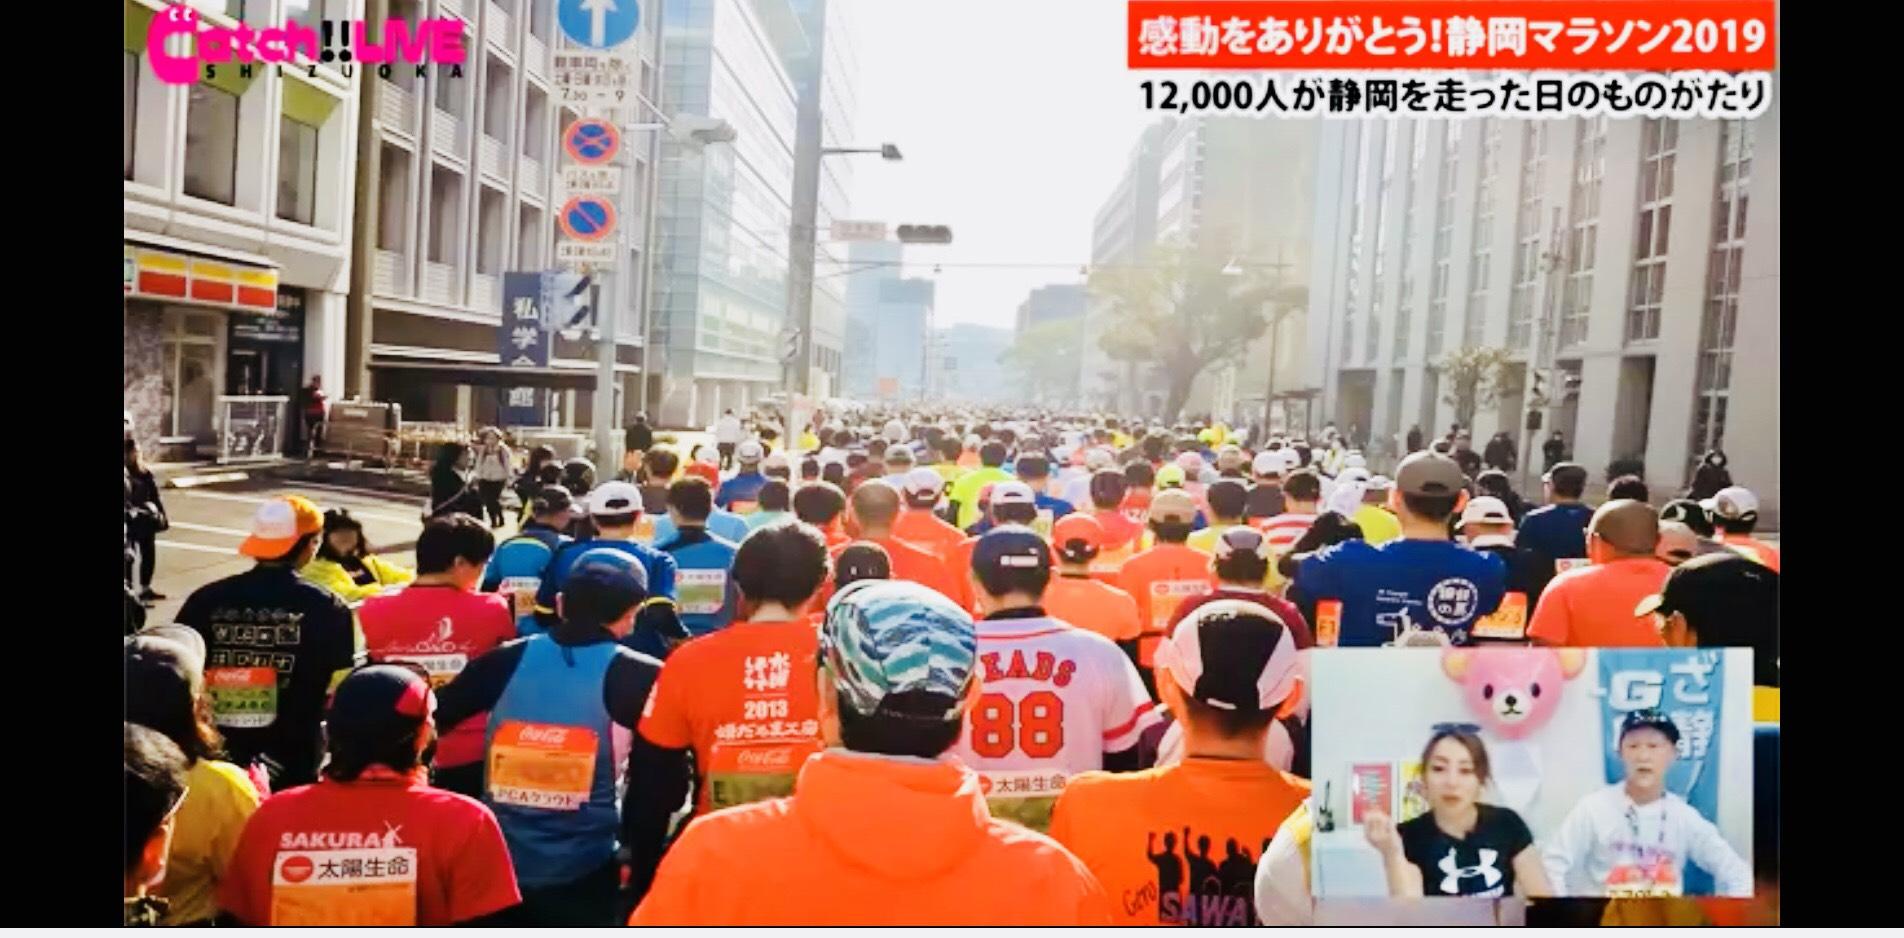 2.24静岡マラソン2019ランナーズスナップ・スピンオフ企画 by めざ静!kelly